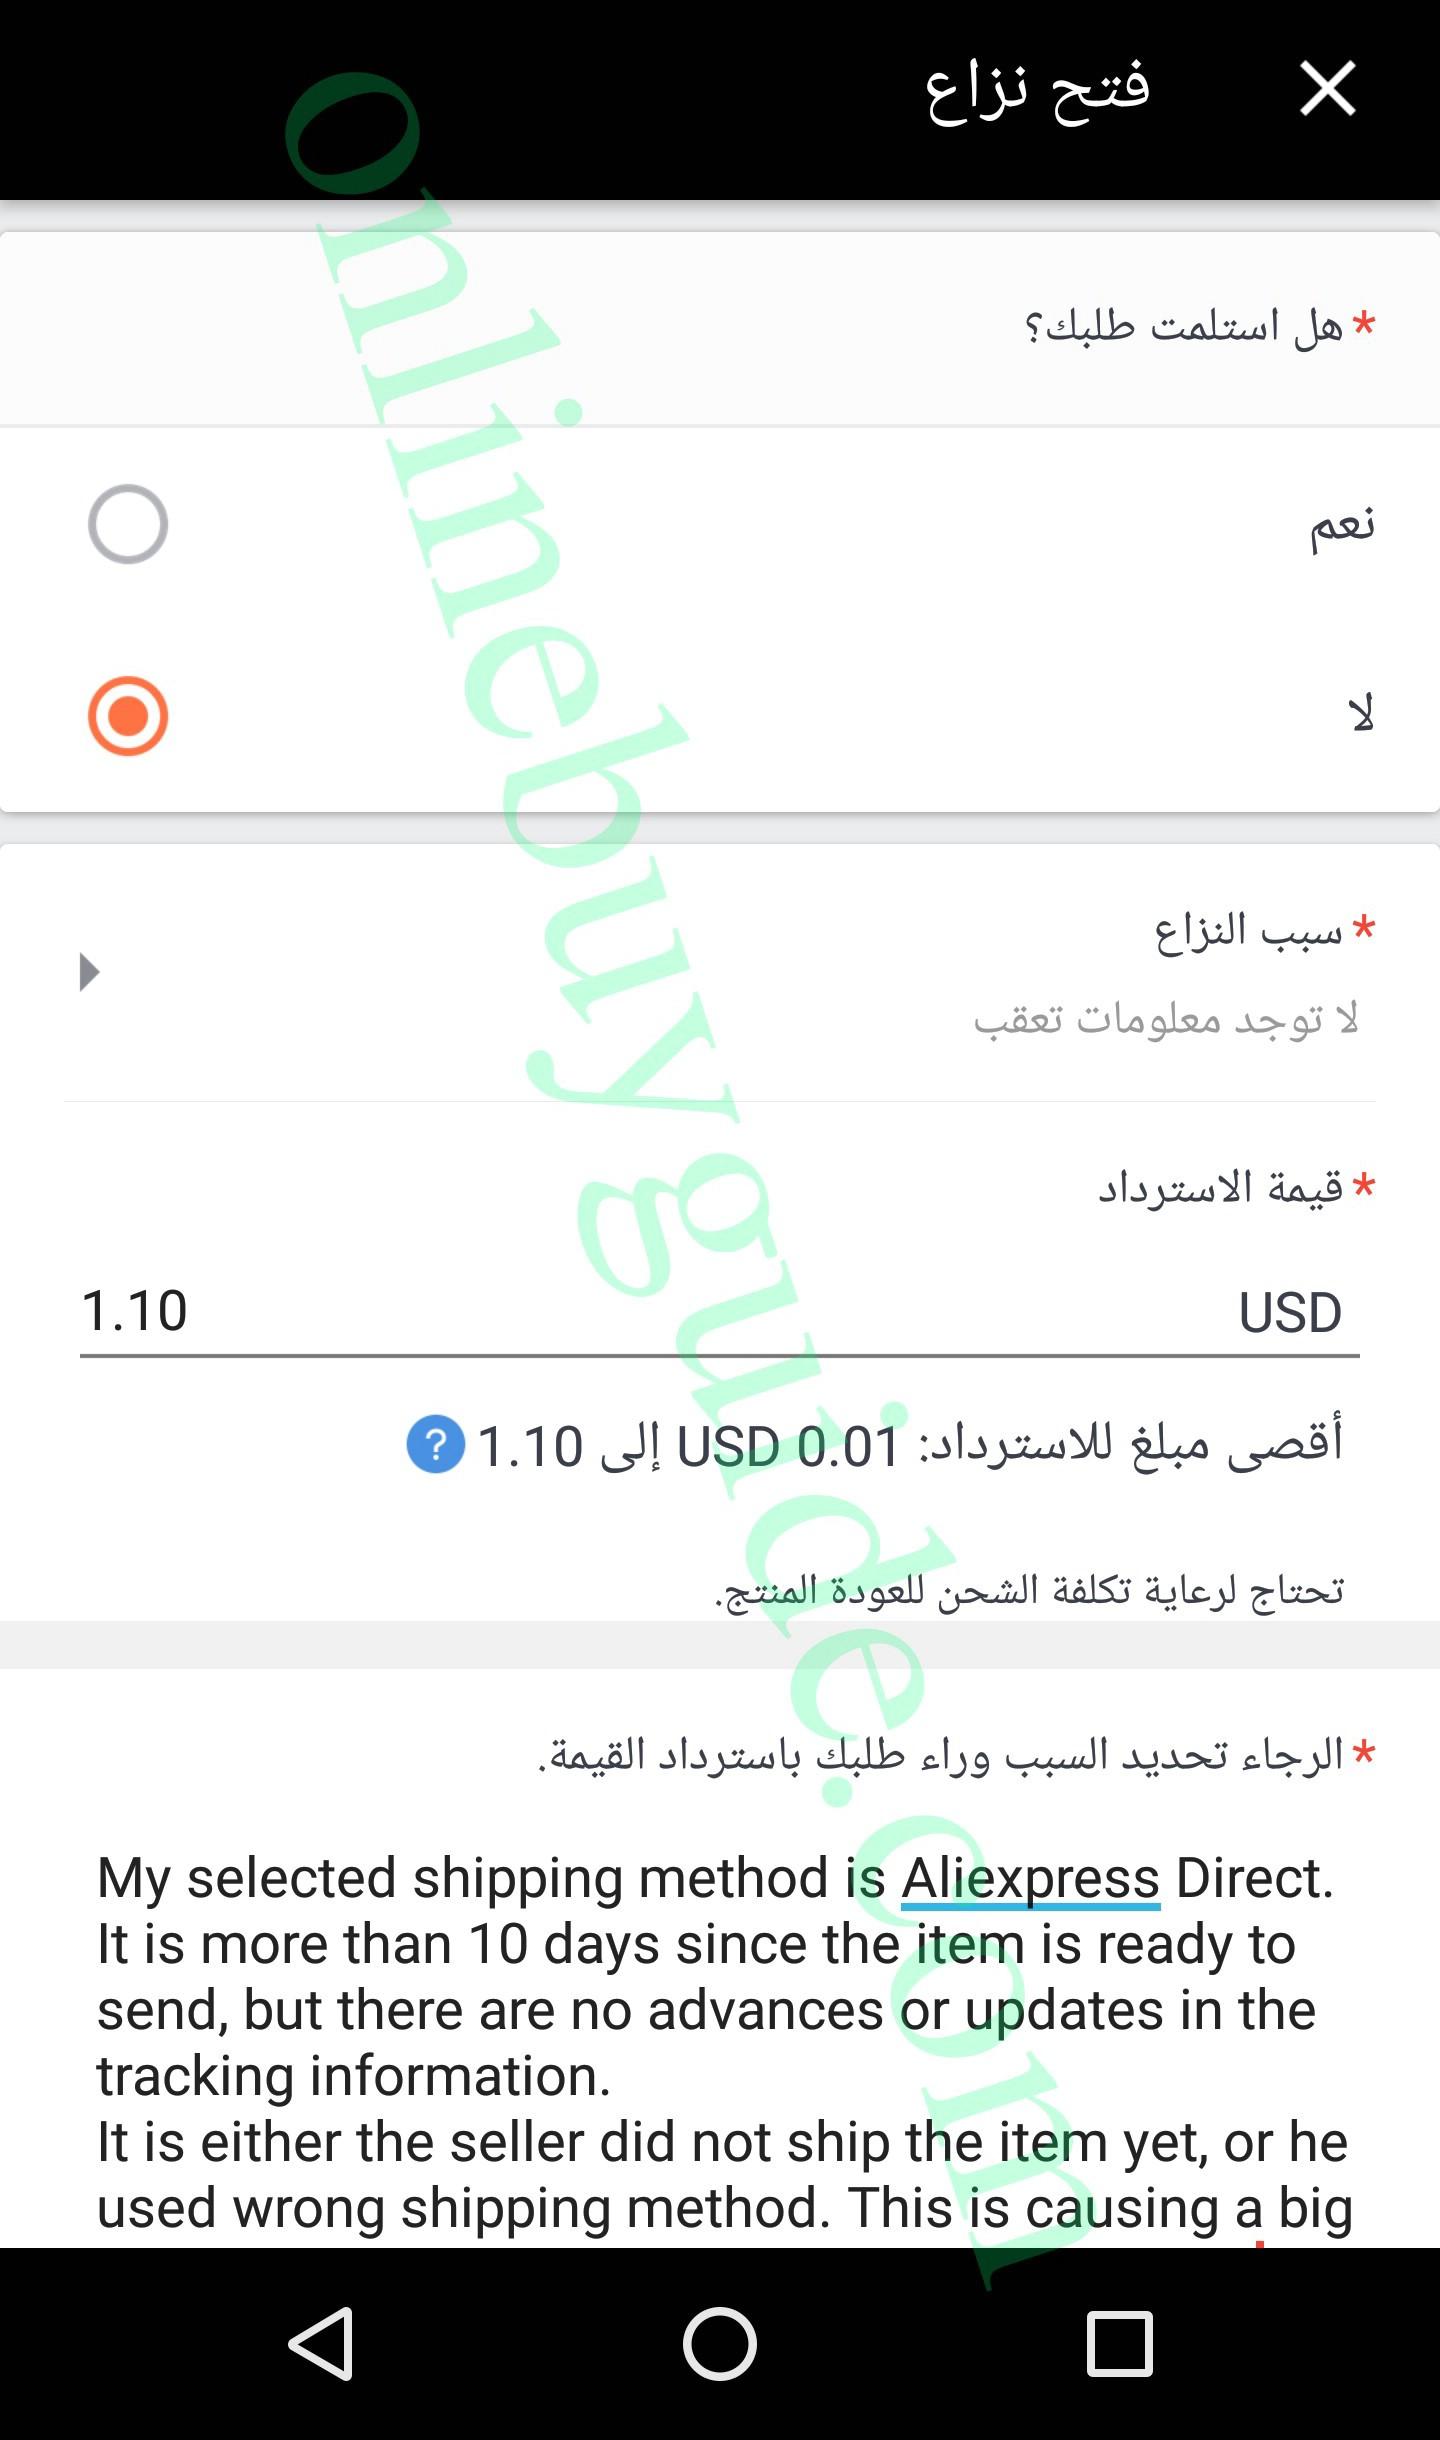 شرح تجربة aliexpress direct 2020